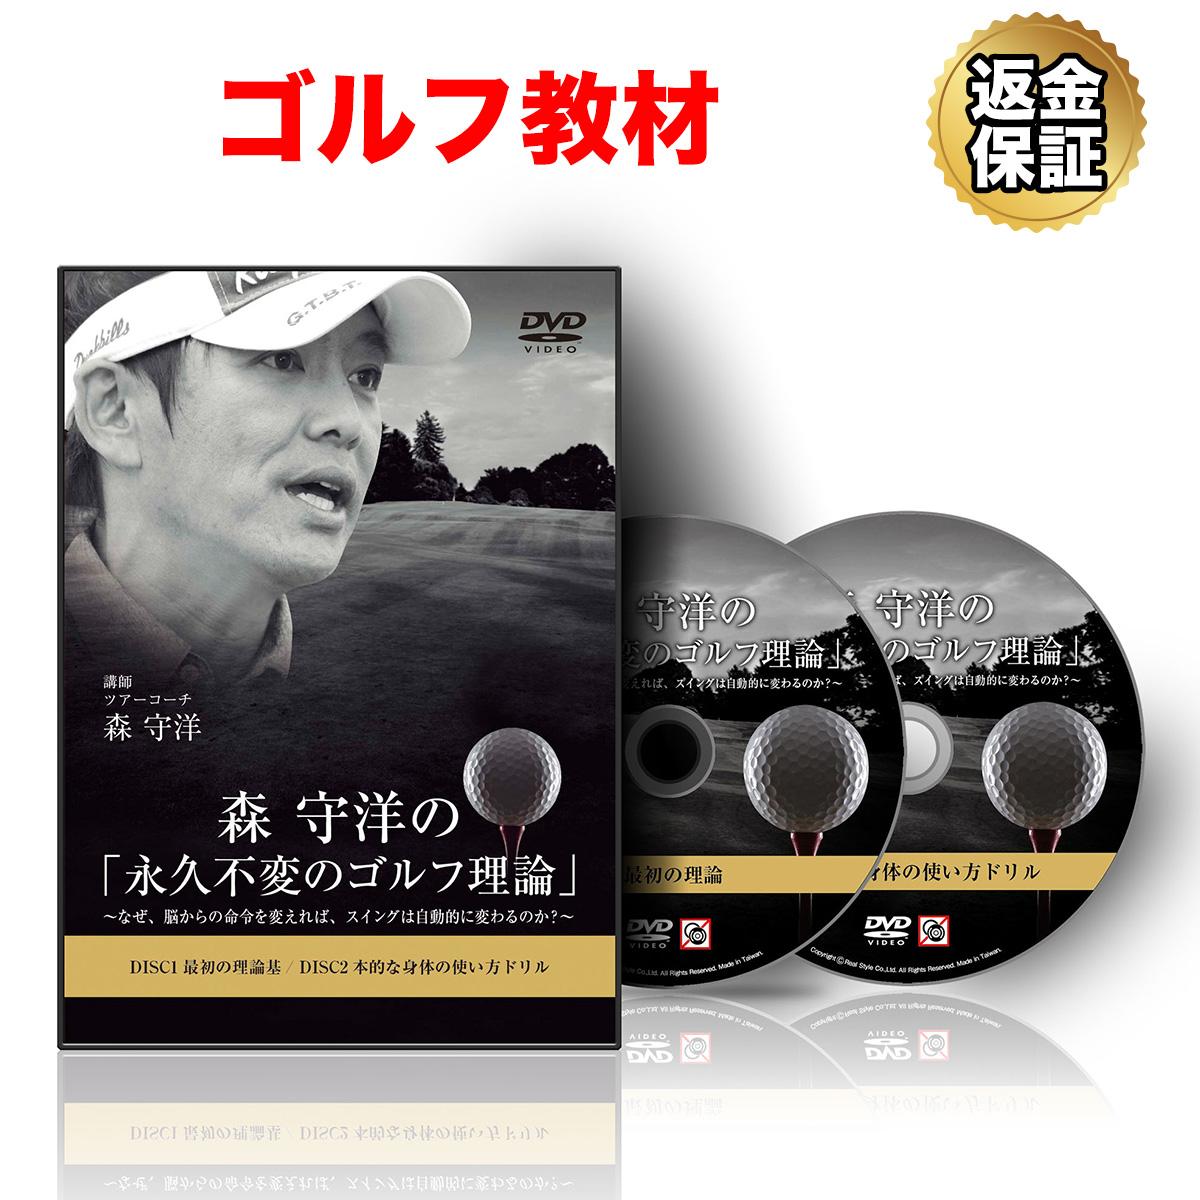 【ゴルフ】森 守洋の「永久不変のゴルフ理論」~なぜ、脳からの命令を変えれば、スイングは自動的に変わるのか?~